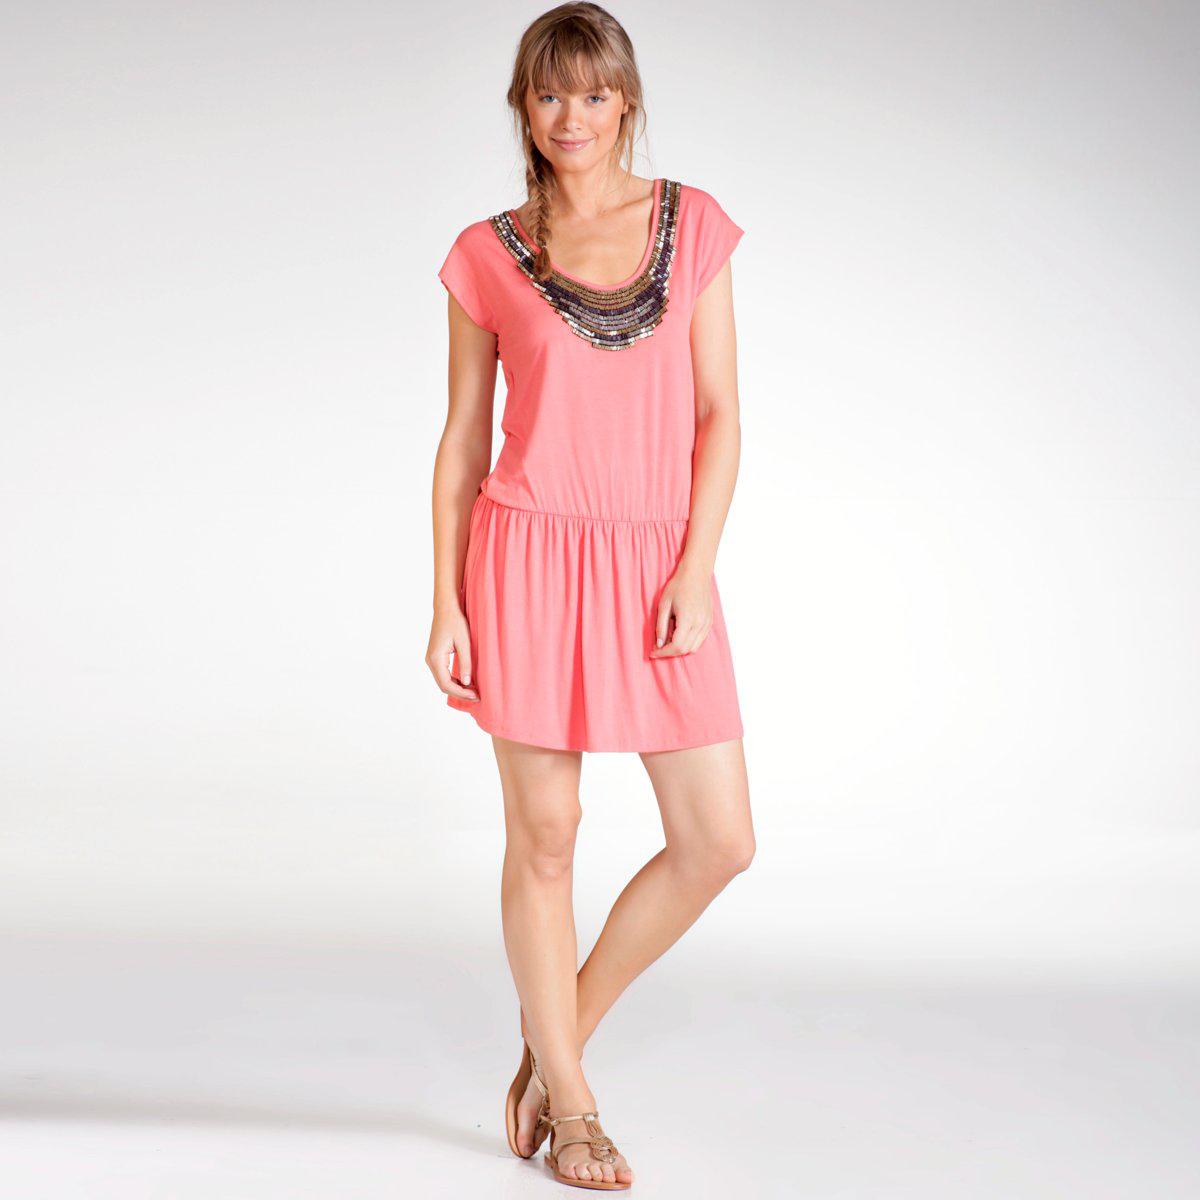 Robe tunique brodée manches courtes couleur corail